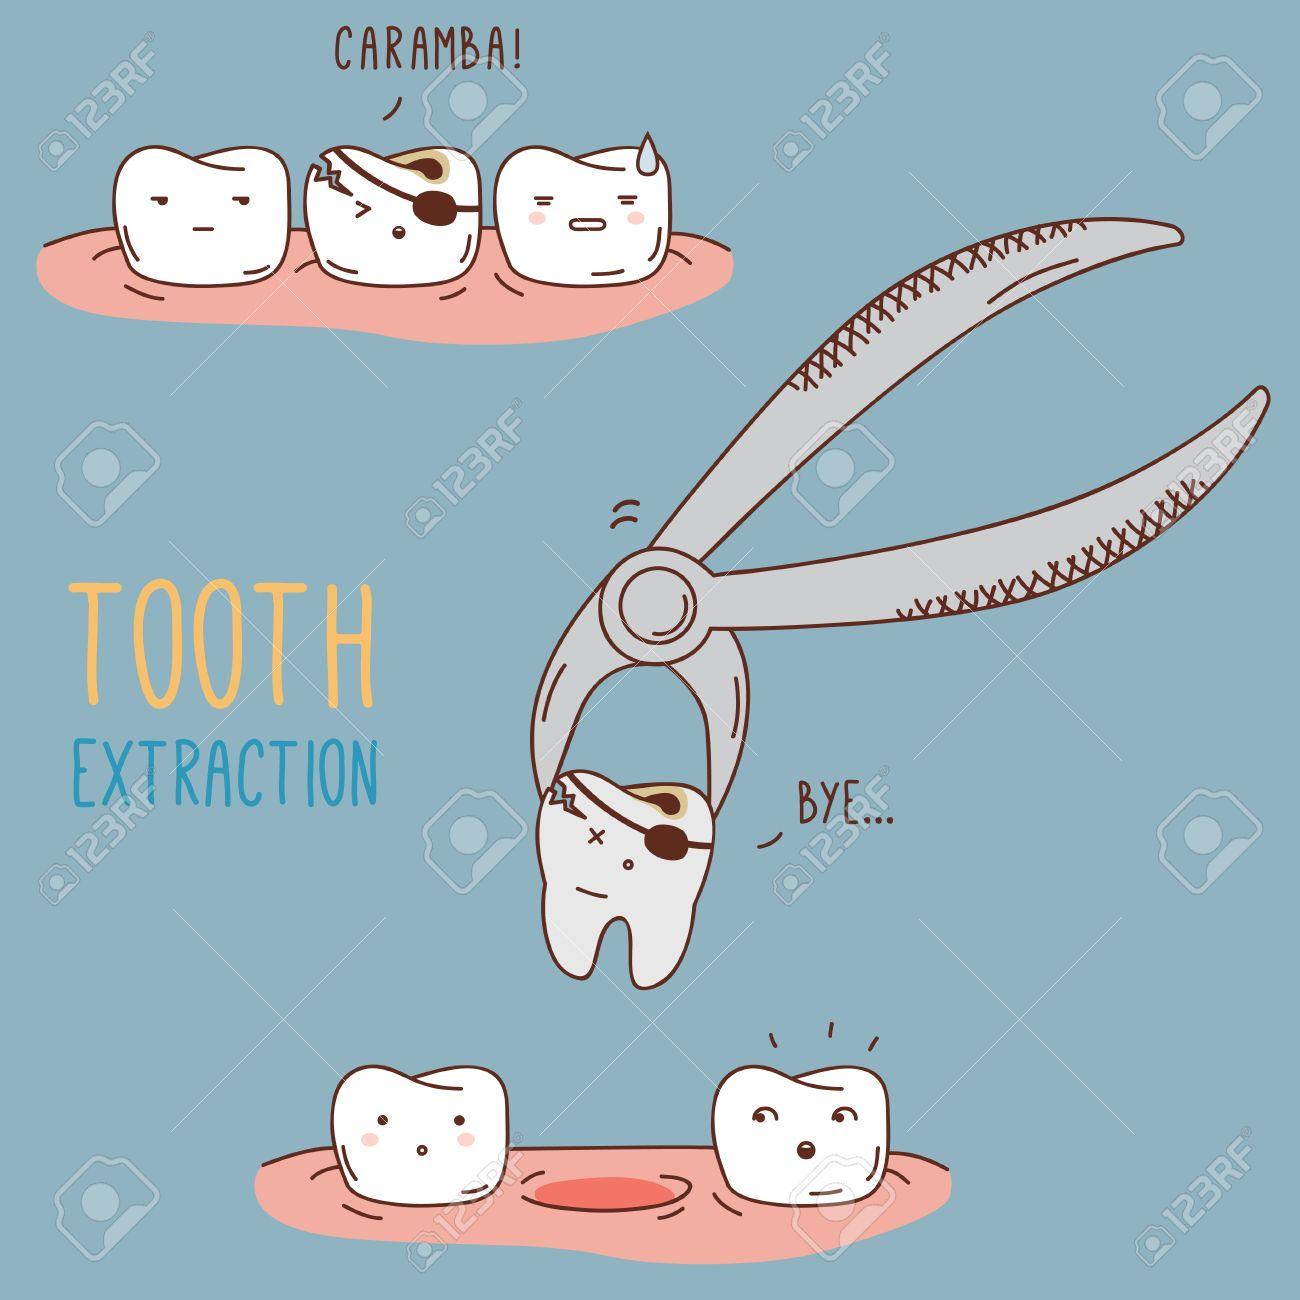 Por que se quita o extrae un diente?.